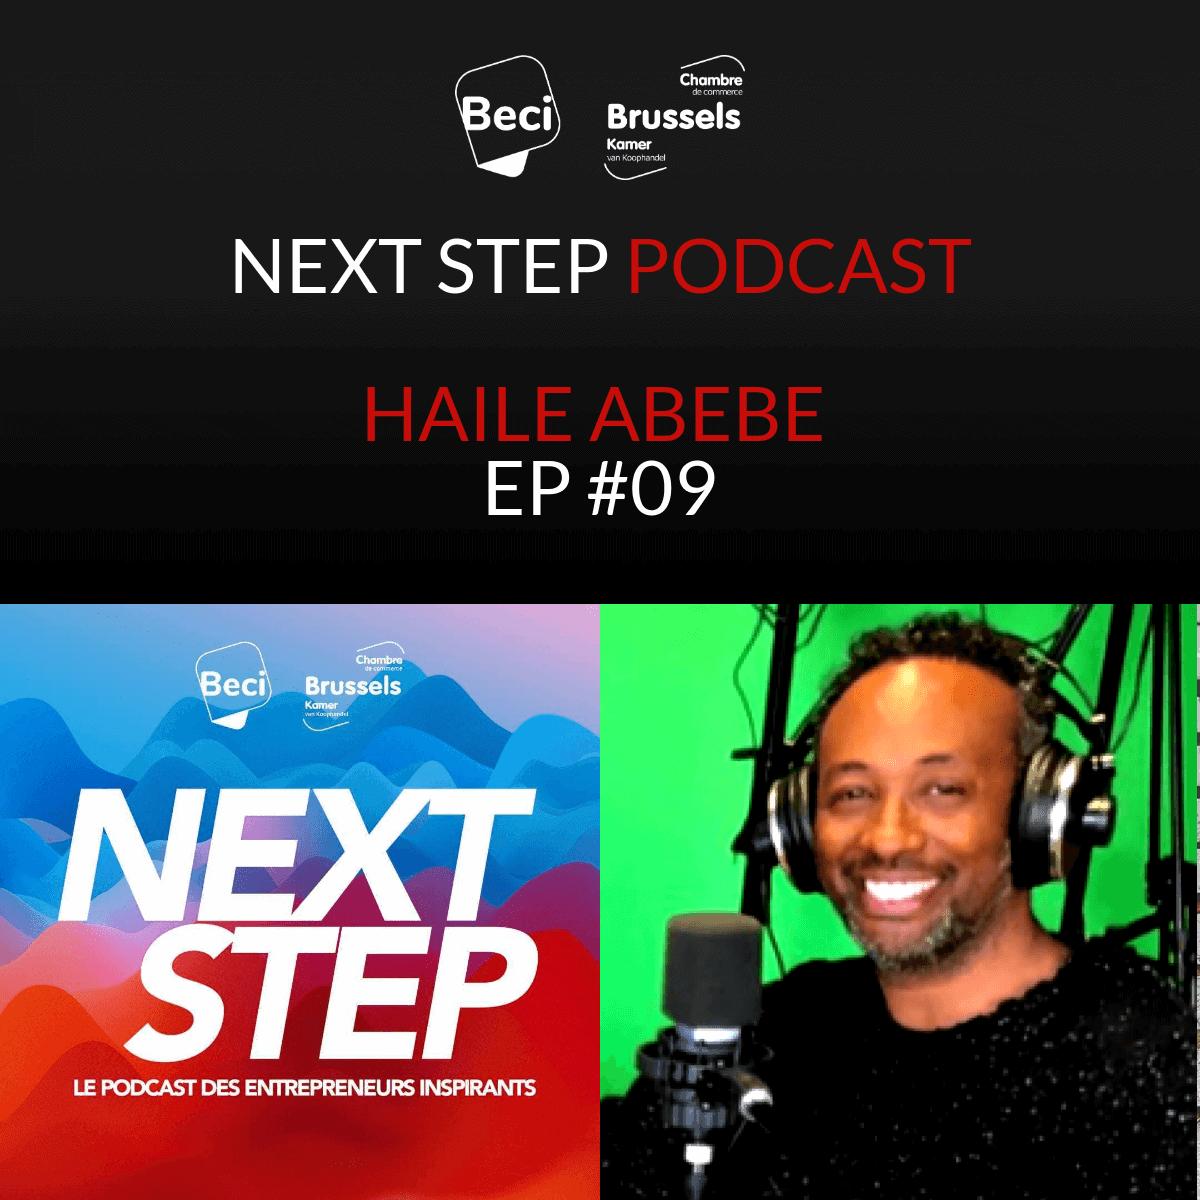 Haile Abebe - D'ingénieur à serial entrepreneur dans l'HORECA - #Episode09